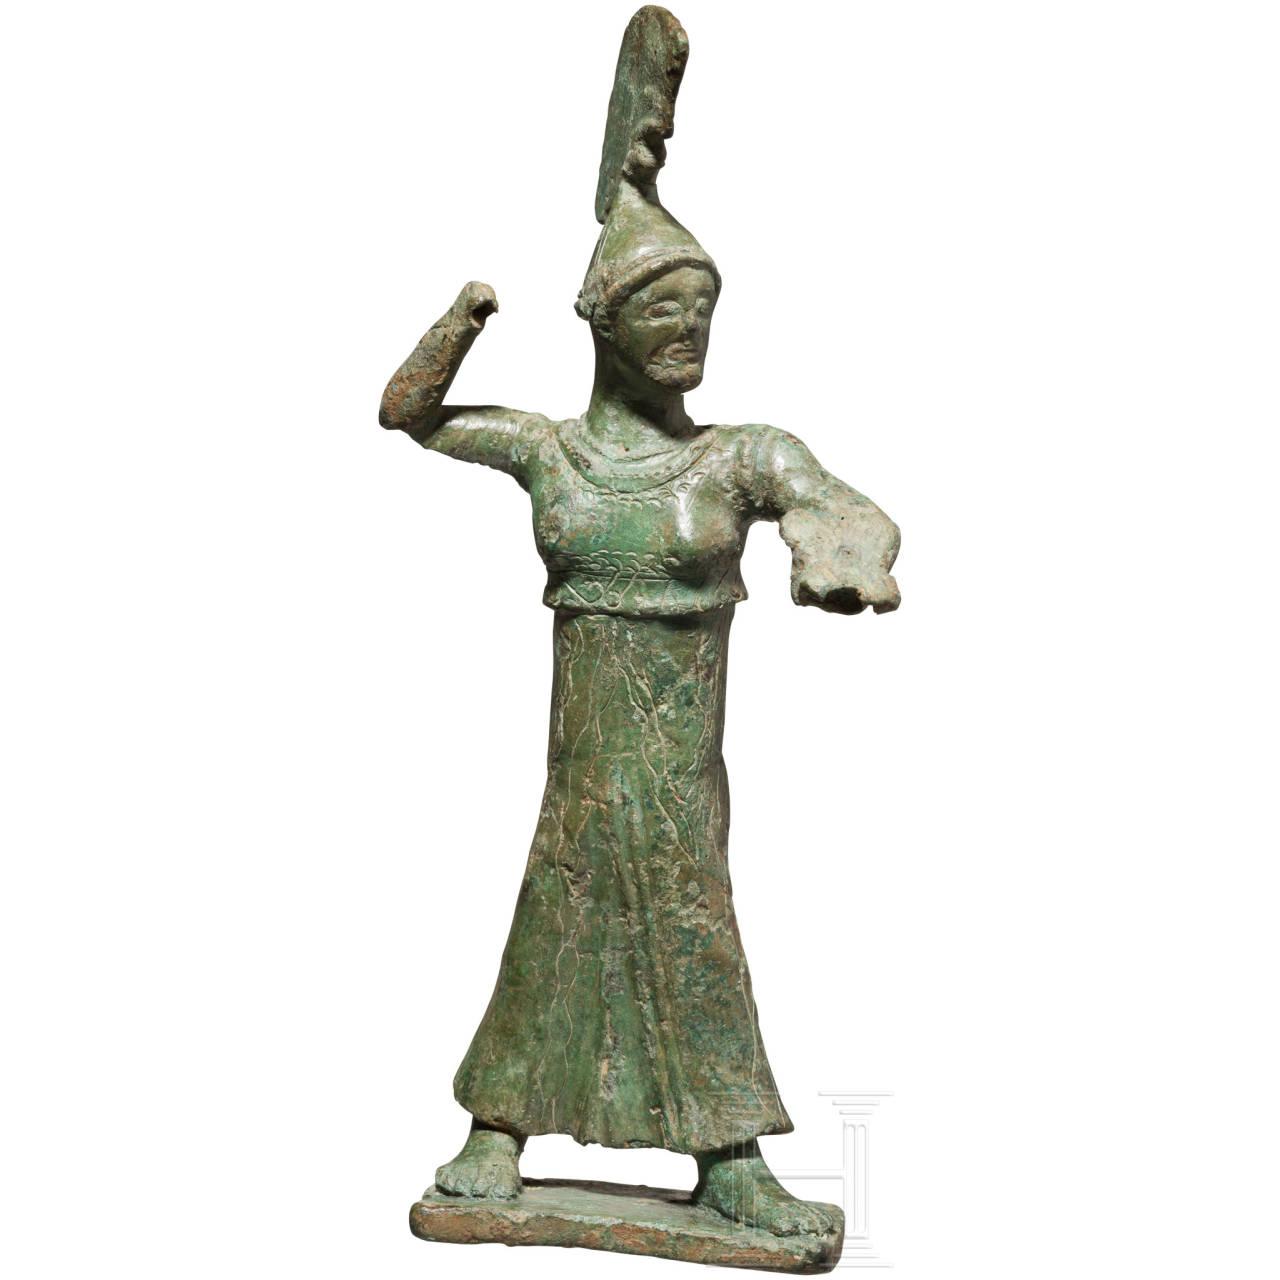 Bronzestatuette der Athena Promachos, griechisch, frühe Klassik, um 500 v. Chr.